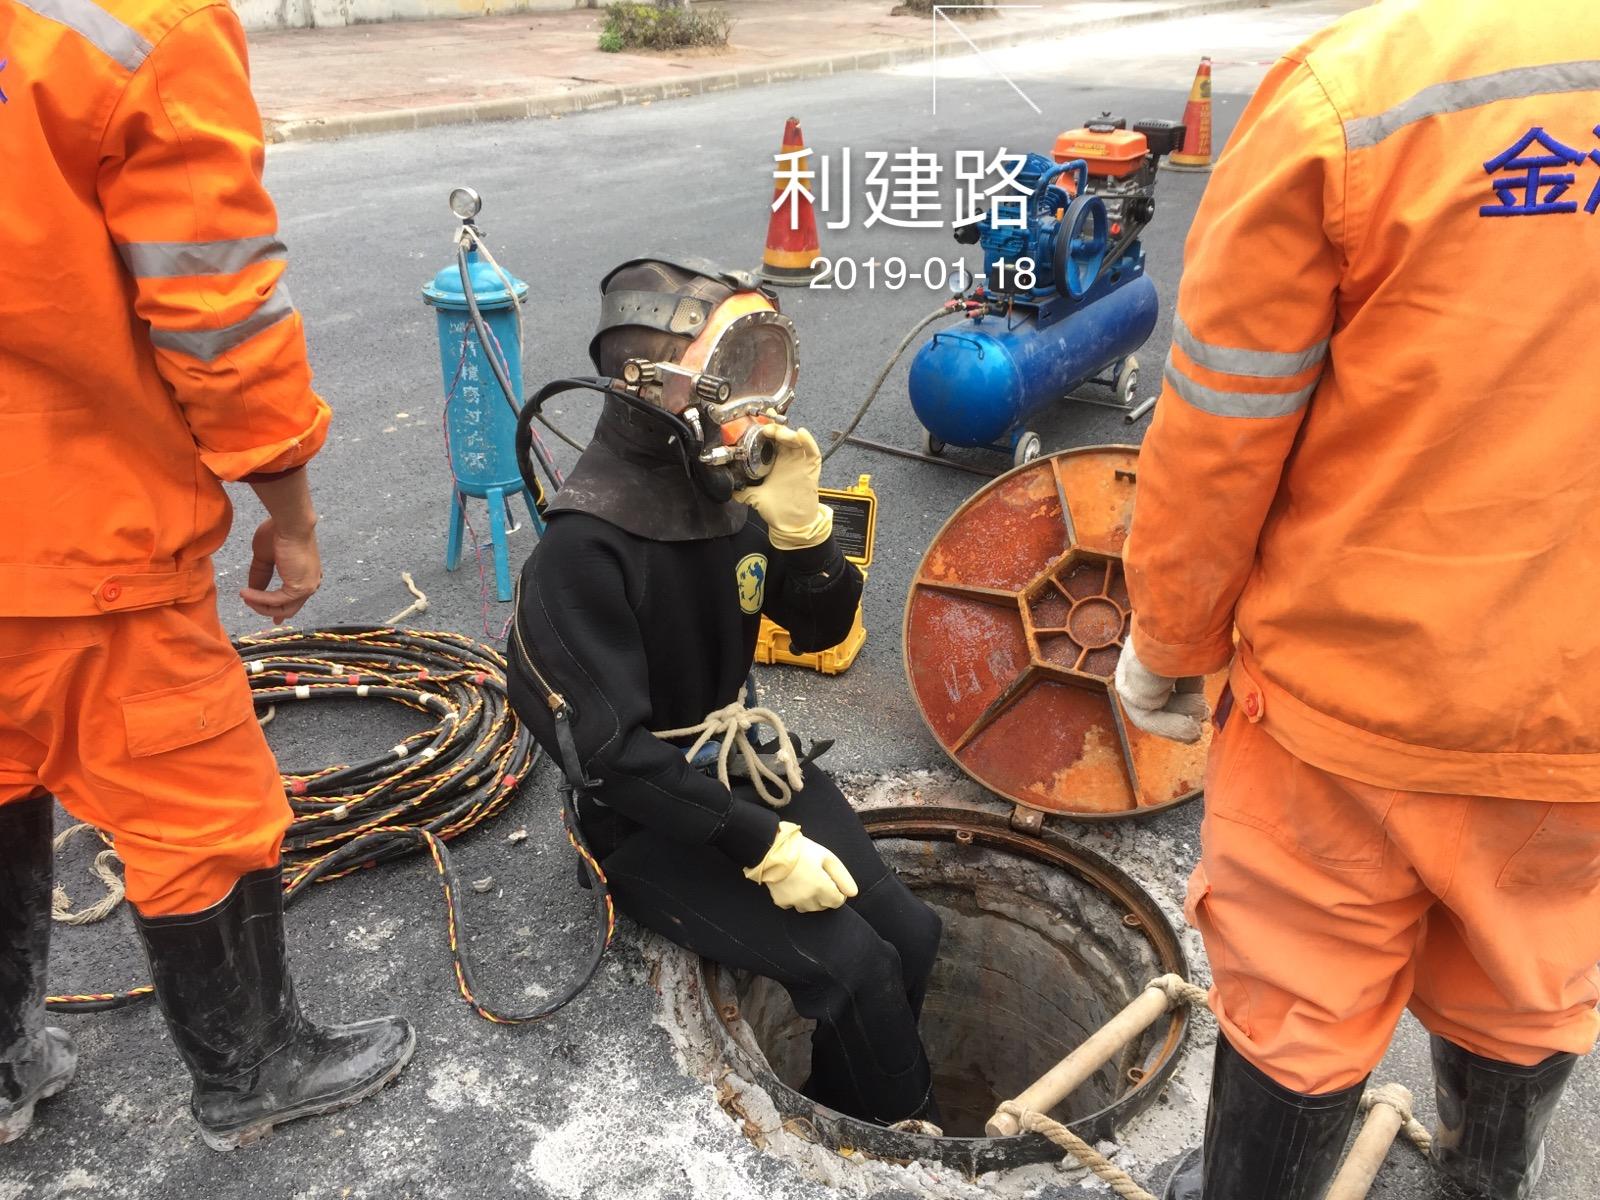 广州利建路管道非开挖封堵潜水施工